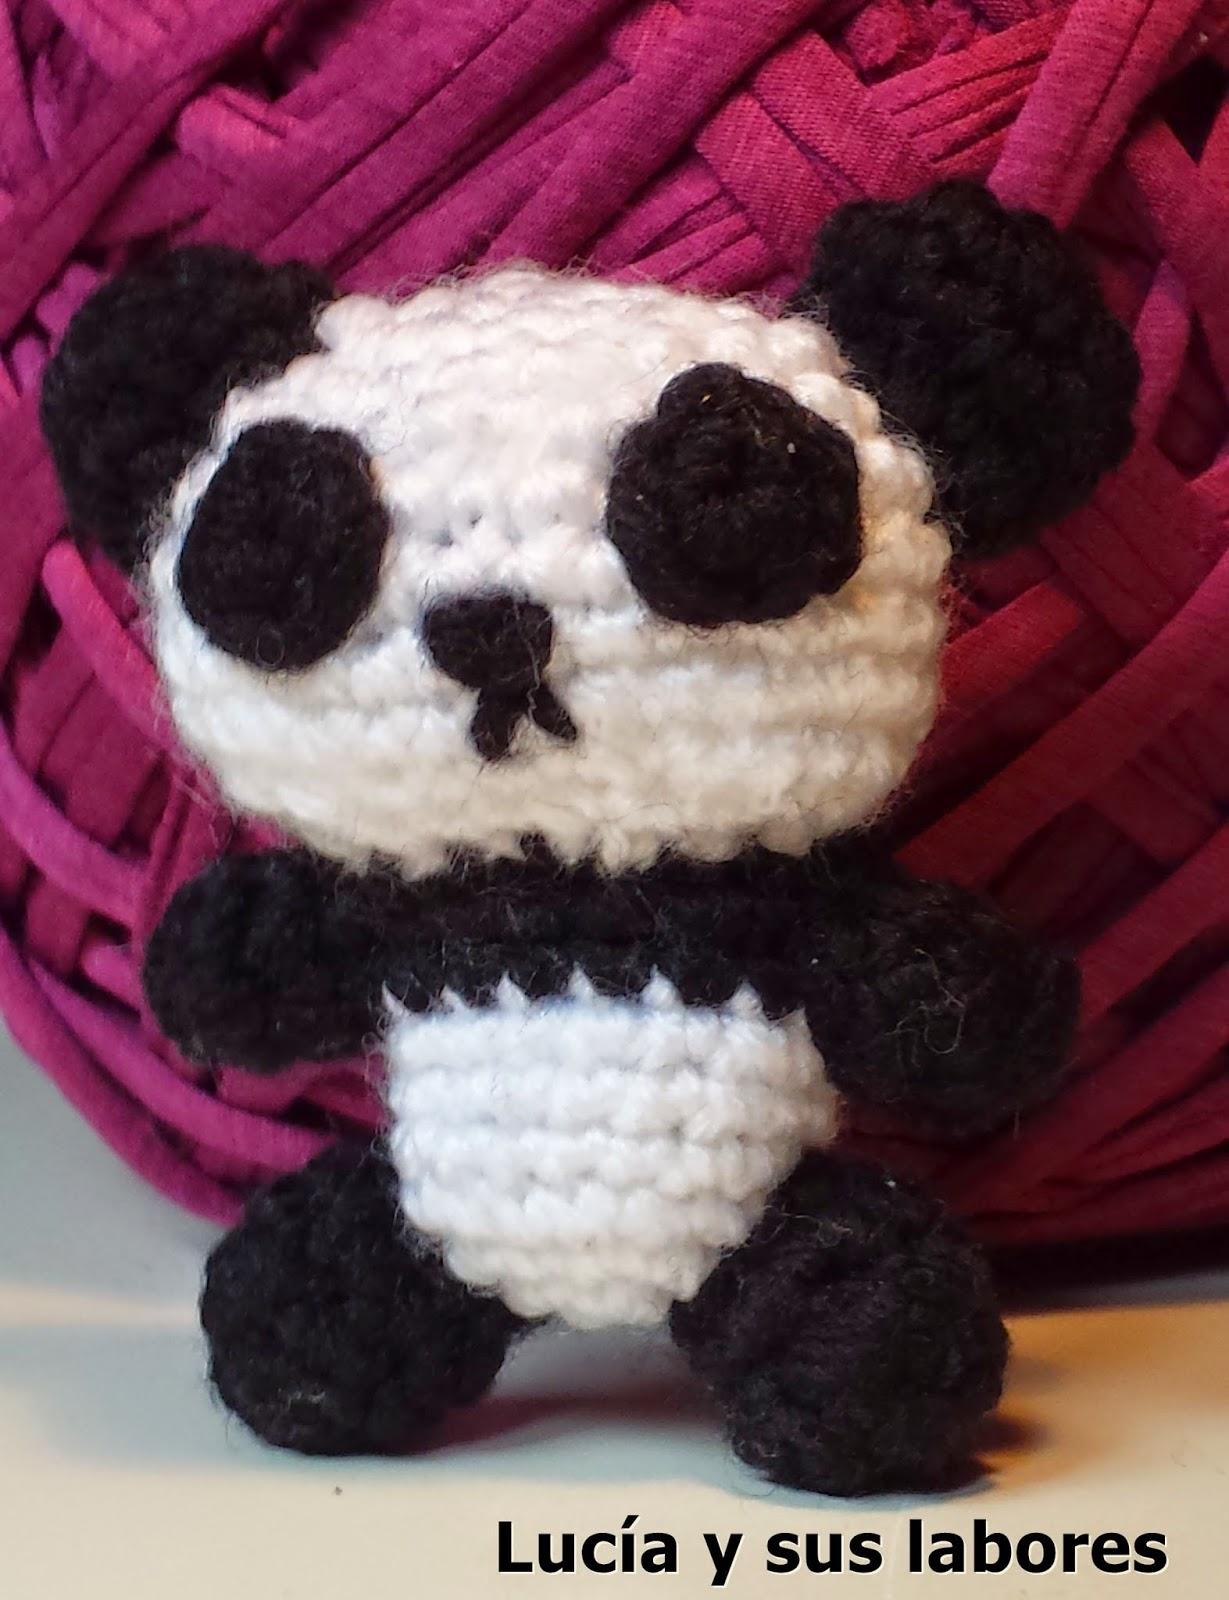 Lucía y sus labores.: Oso Panda Zito